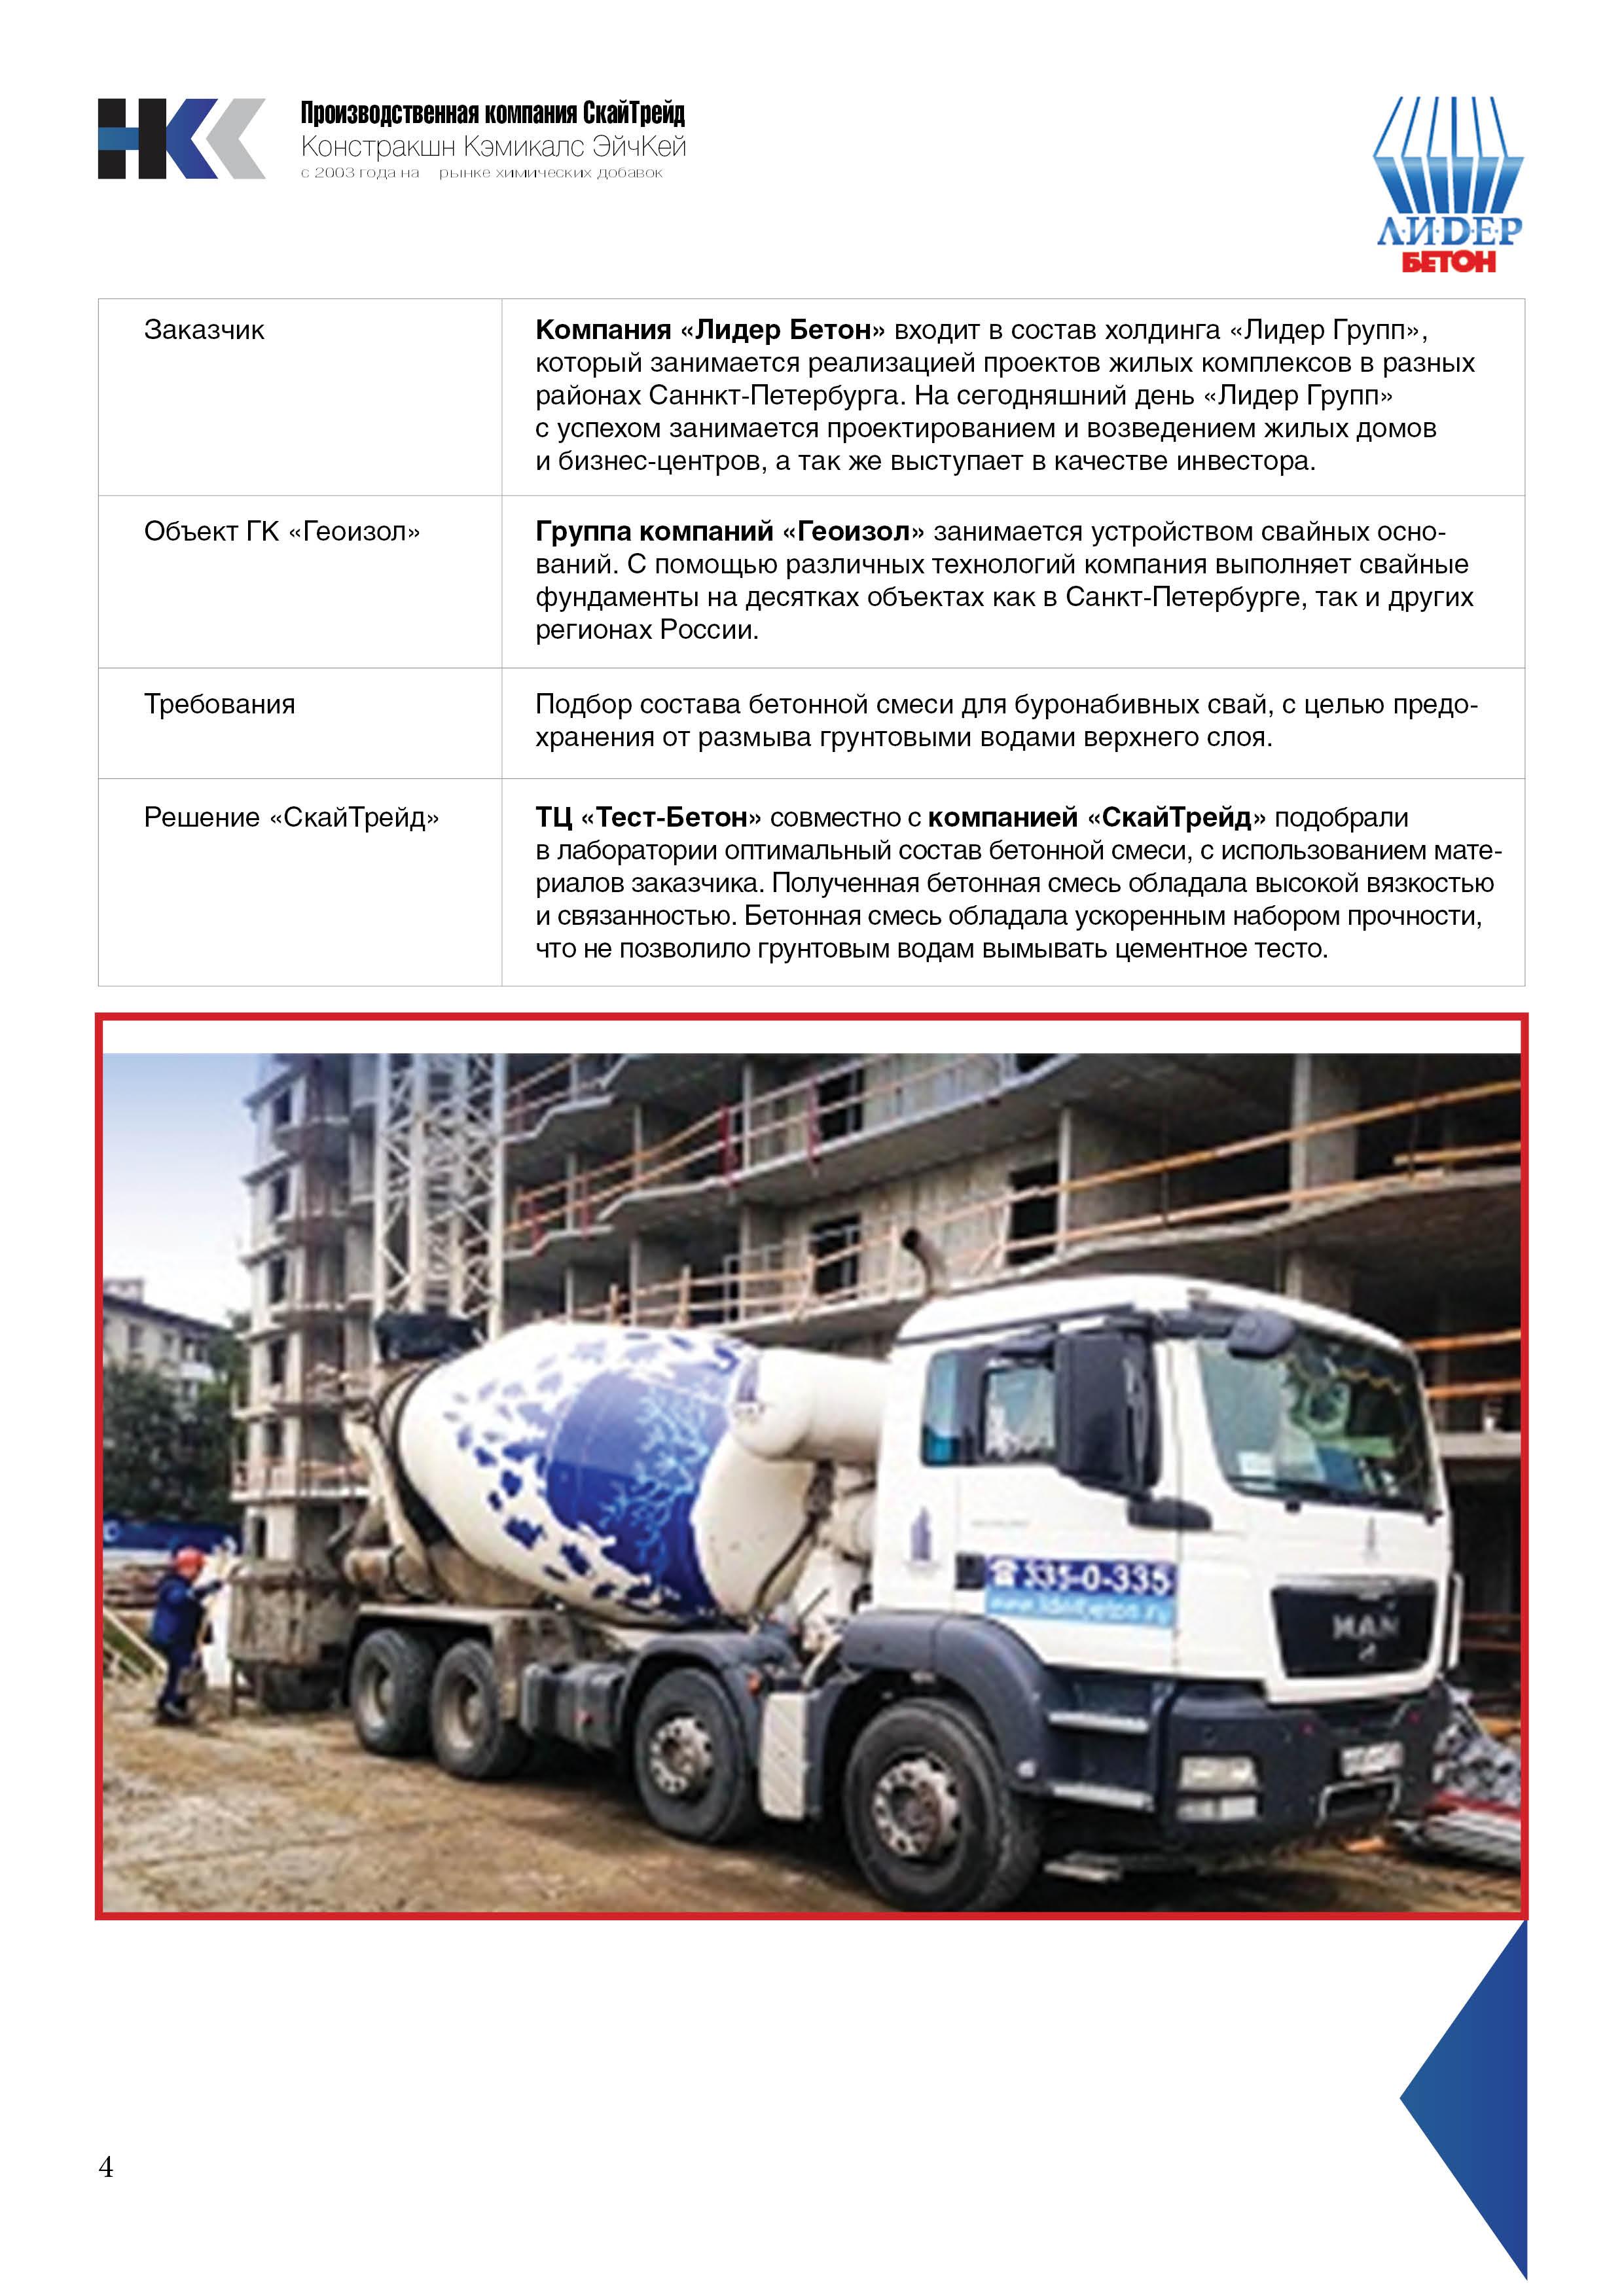 Лидер бетон спб выравнивание керамзитобетоном